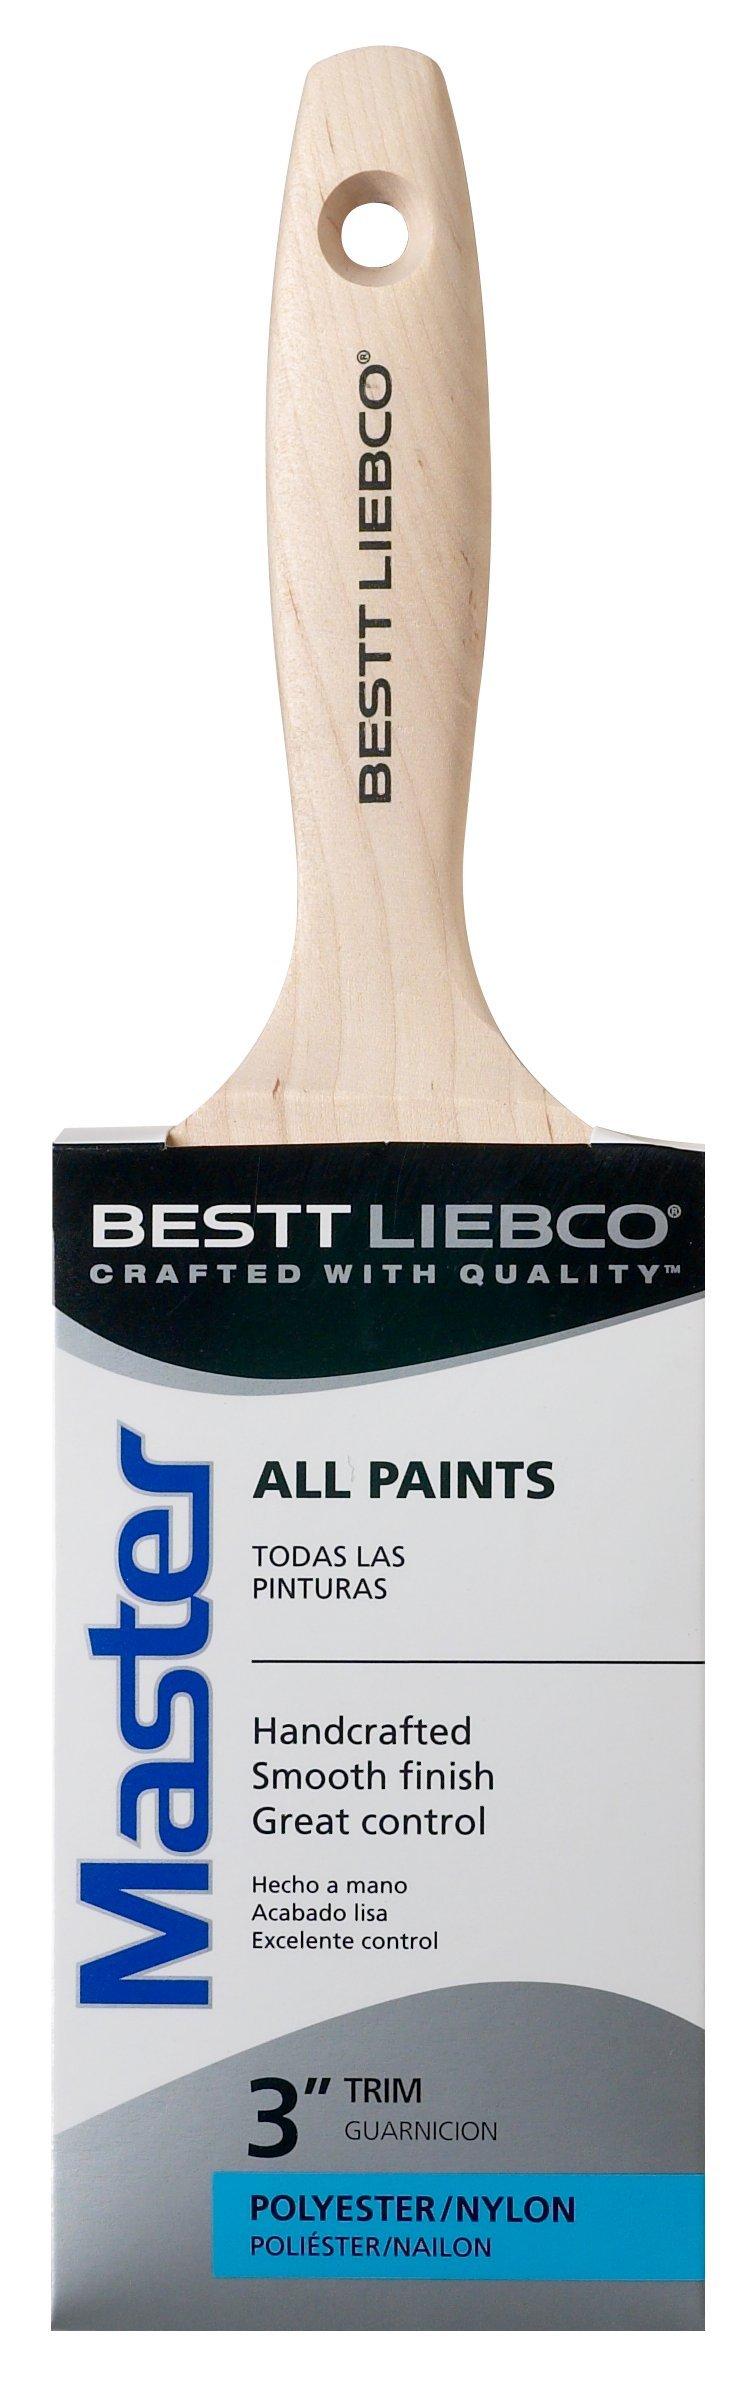 Bestt Liebco 552565500 Master 3-Inch Trim